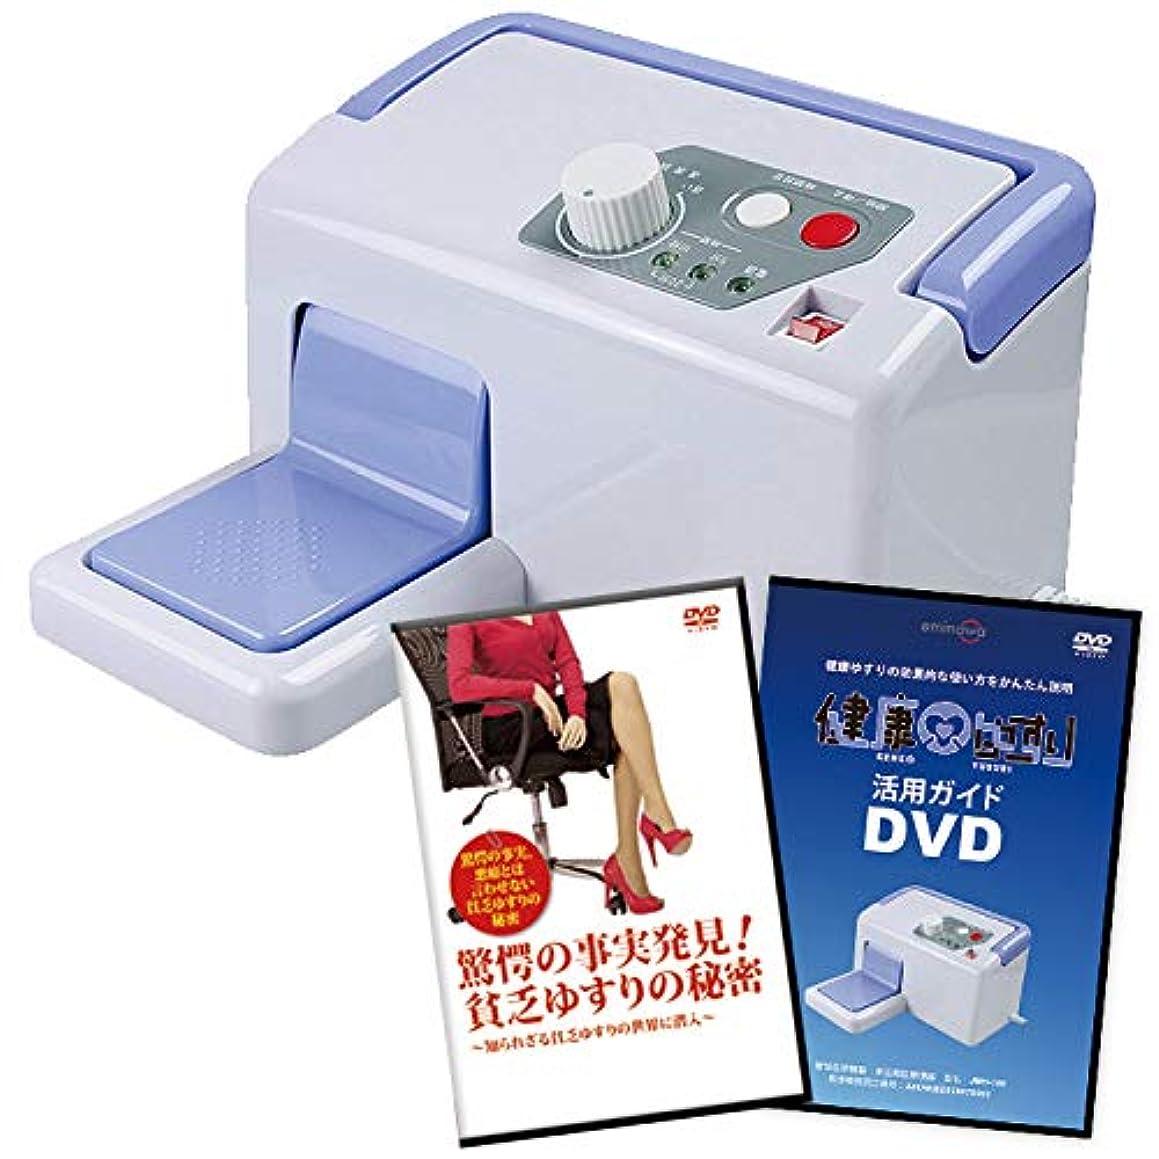 ペリスコープクラック簡略化する健康ゆすり 股関節 DVD2枚プレゼント「貧乏ゆすりの秘密」「活用ガイド」特典 取扱説明書(※使い方ガイド) 1年間保証書付き 合計5点セット